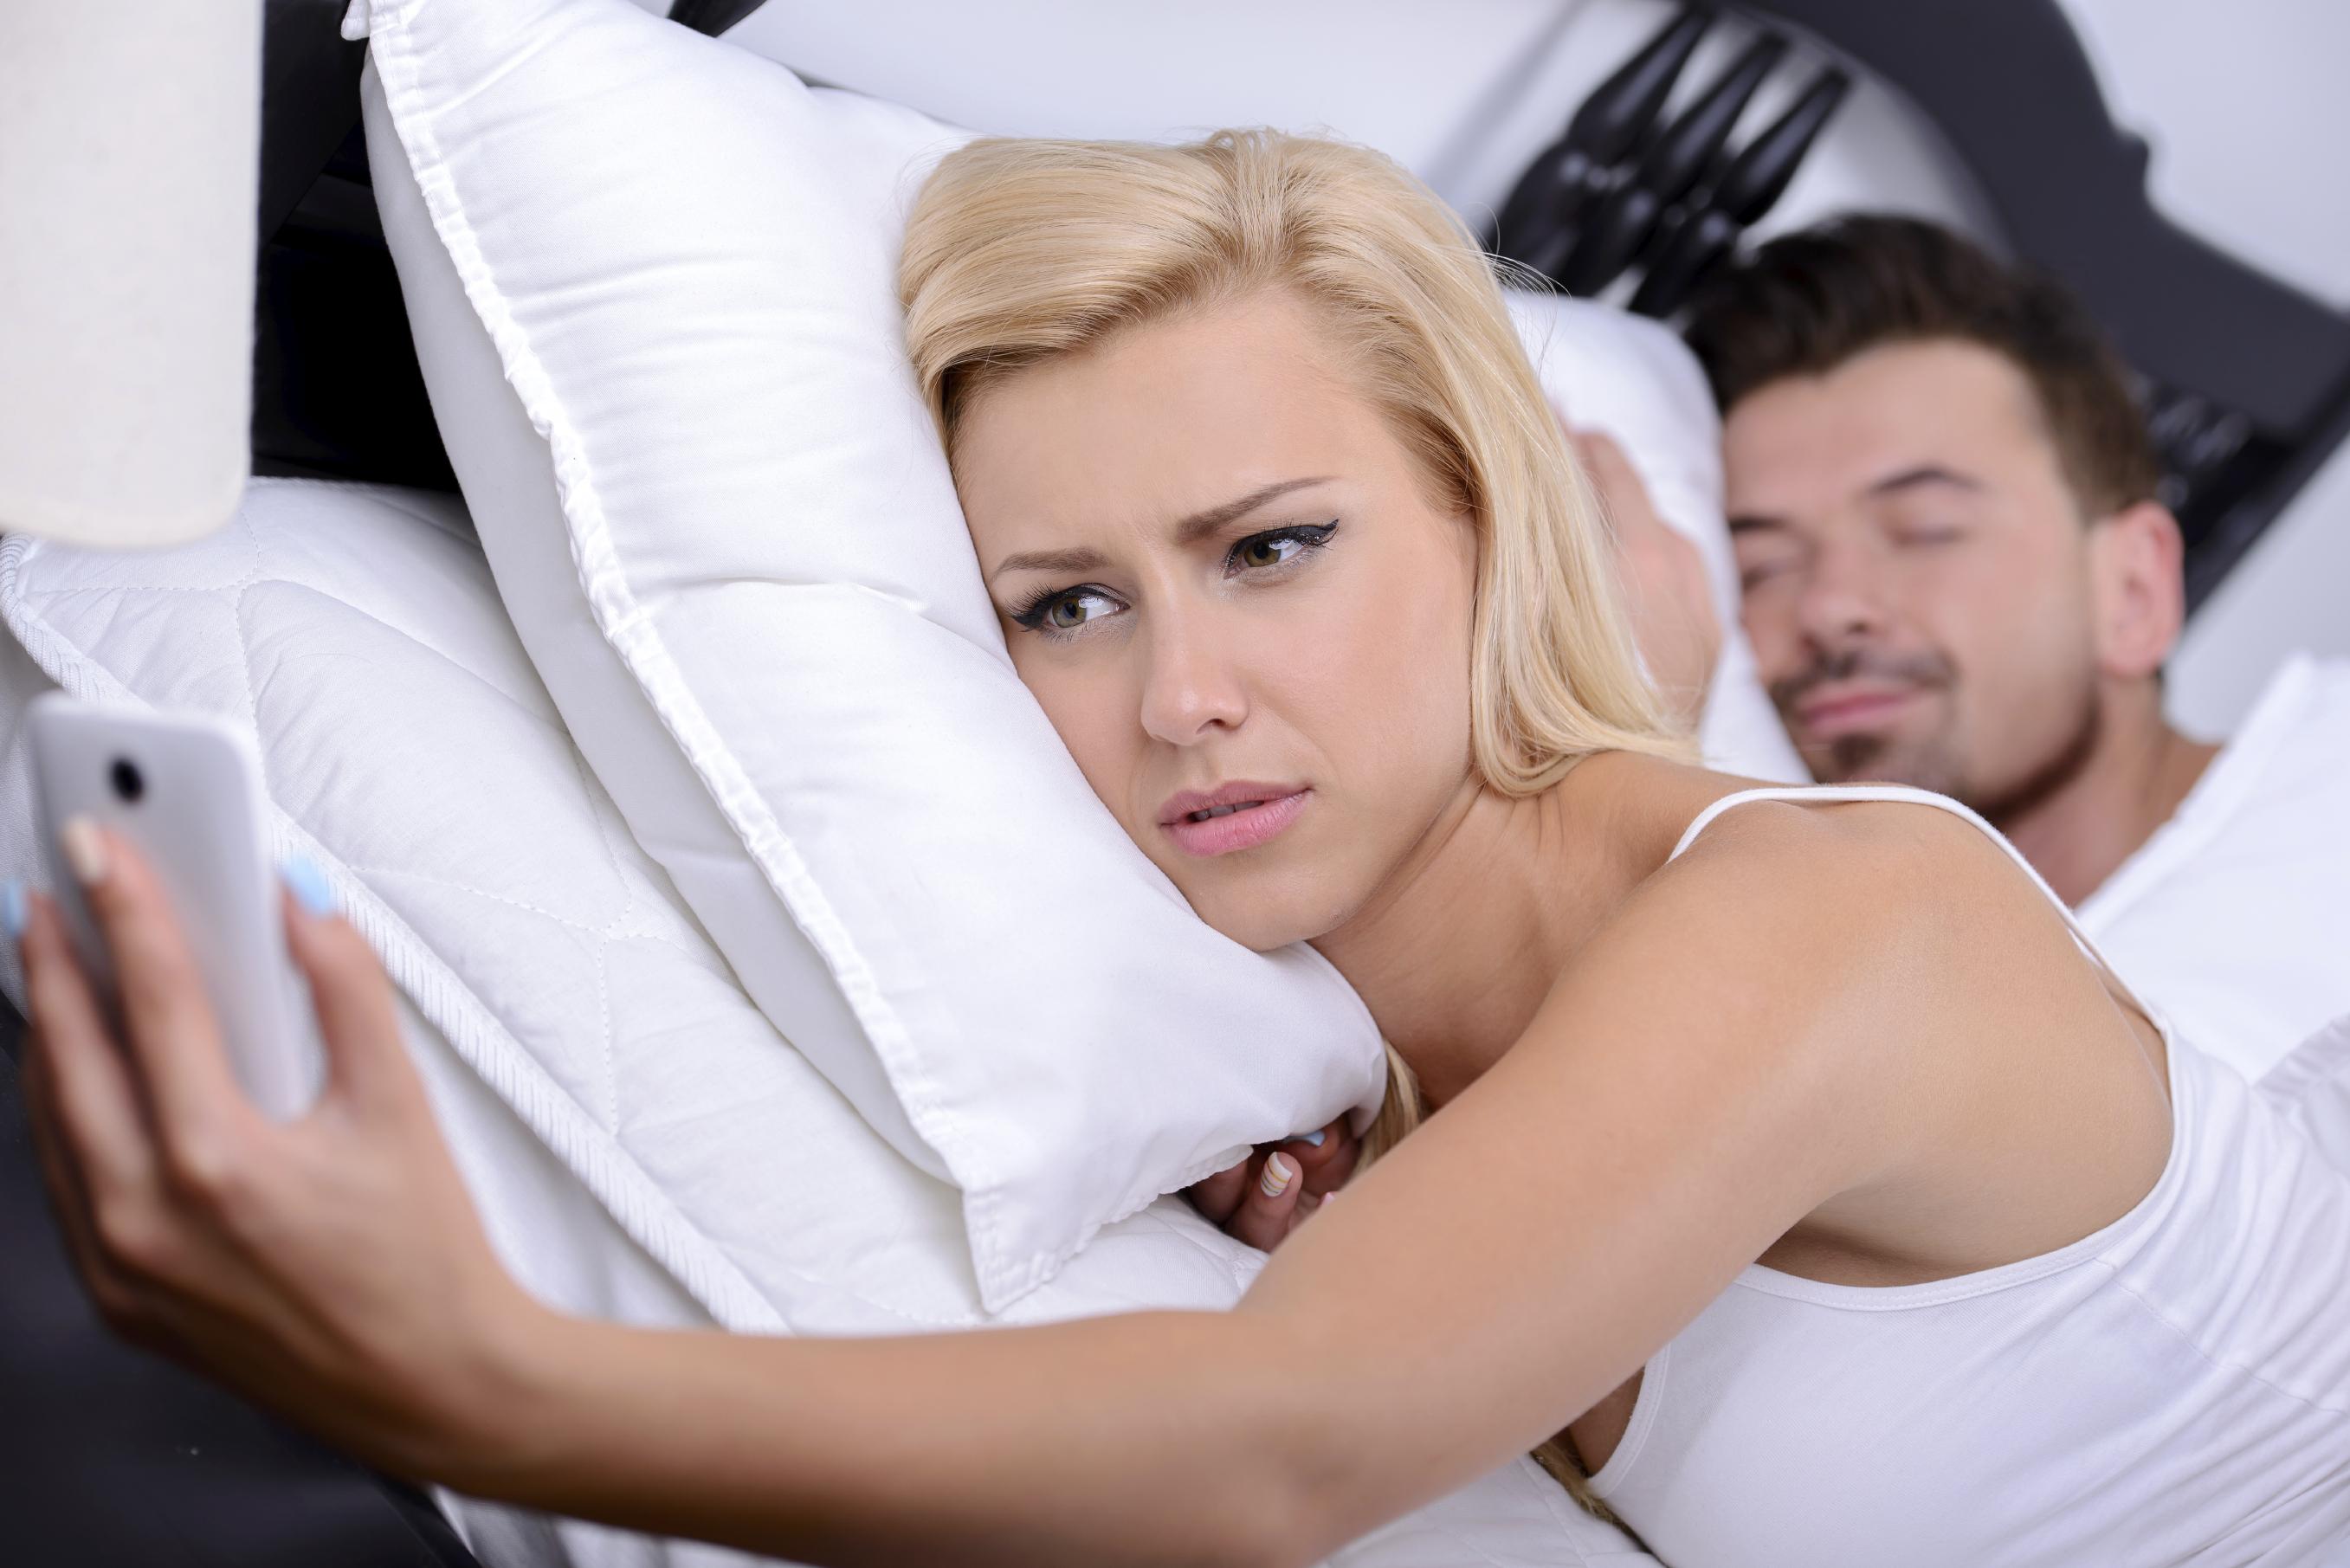 donna che a letto mentre il marito dorme guarda il cellulare